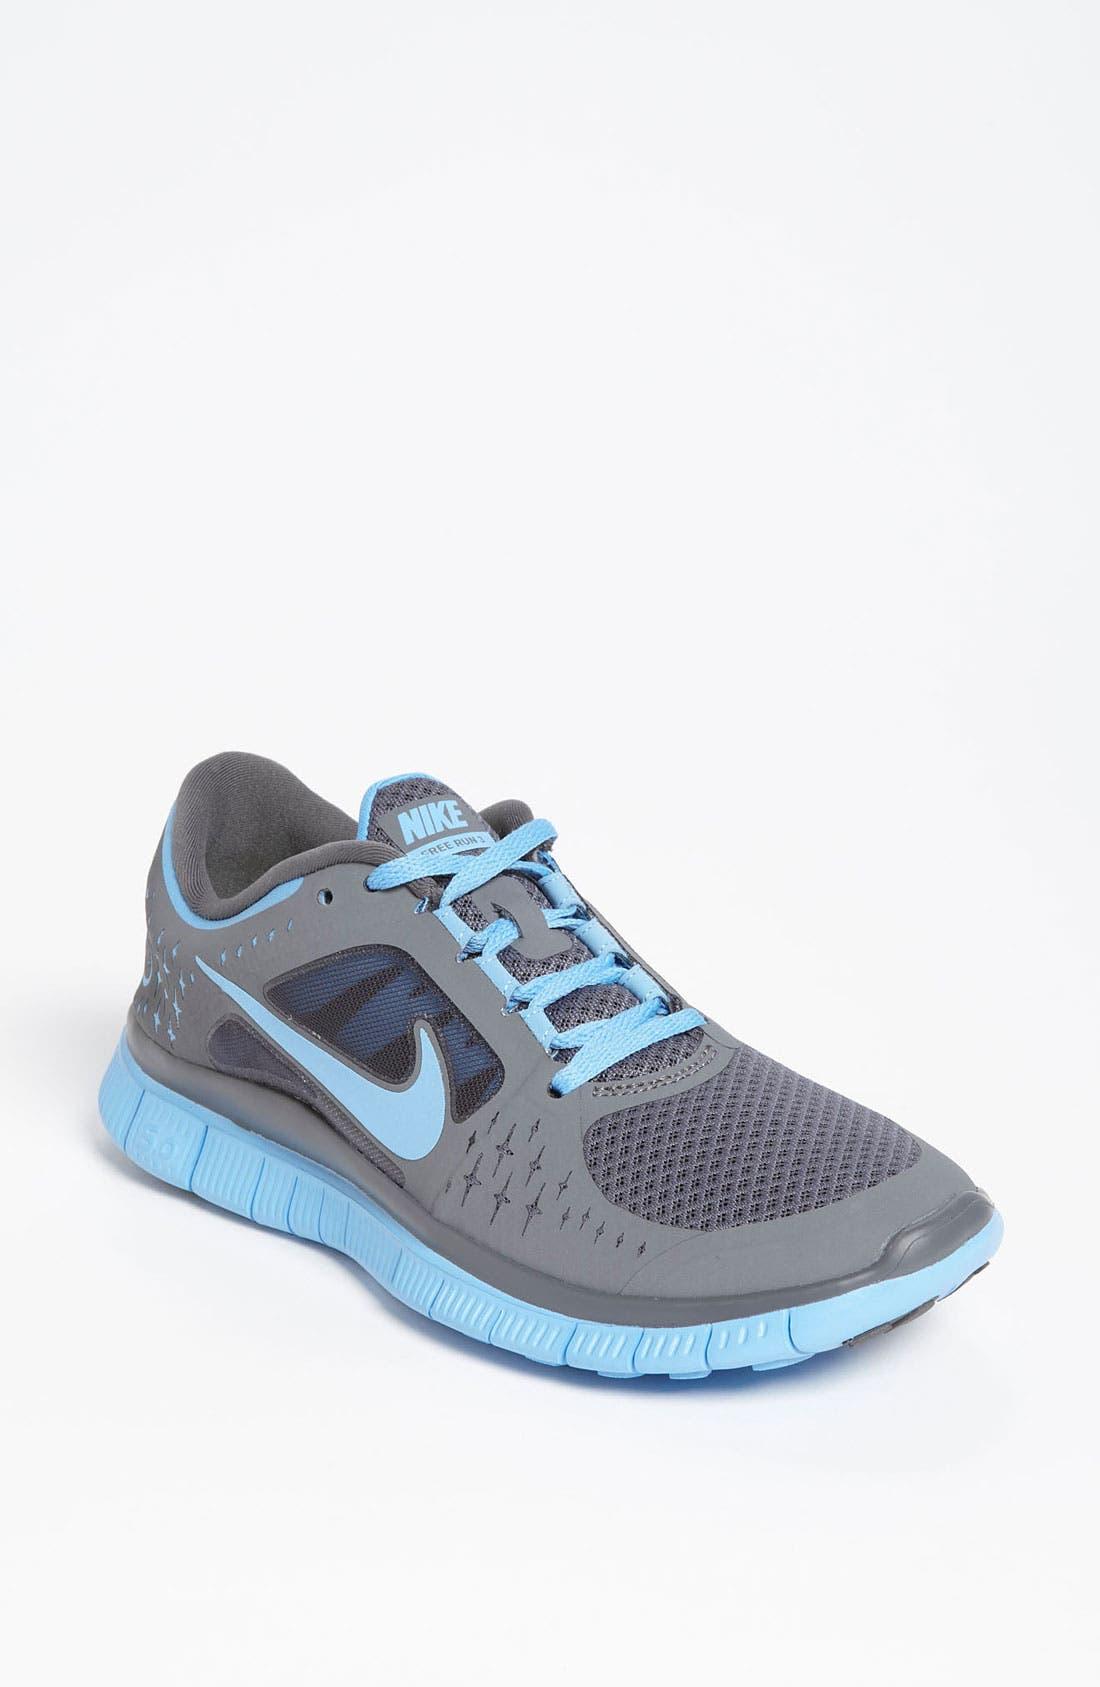 Alternate Image 1 Selected - Nike 'Free Run+ 3' Running Shoe (Women)